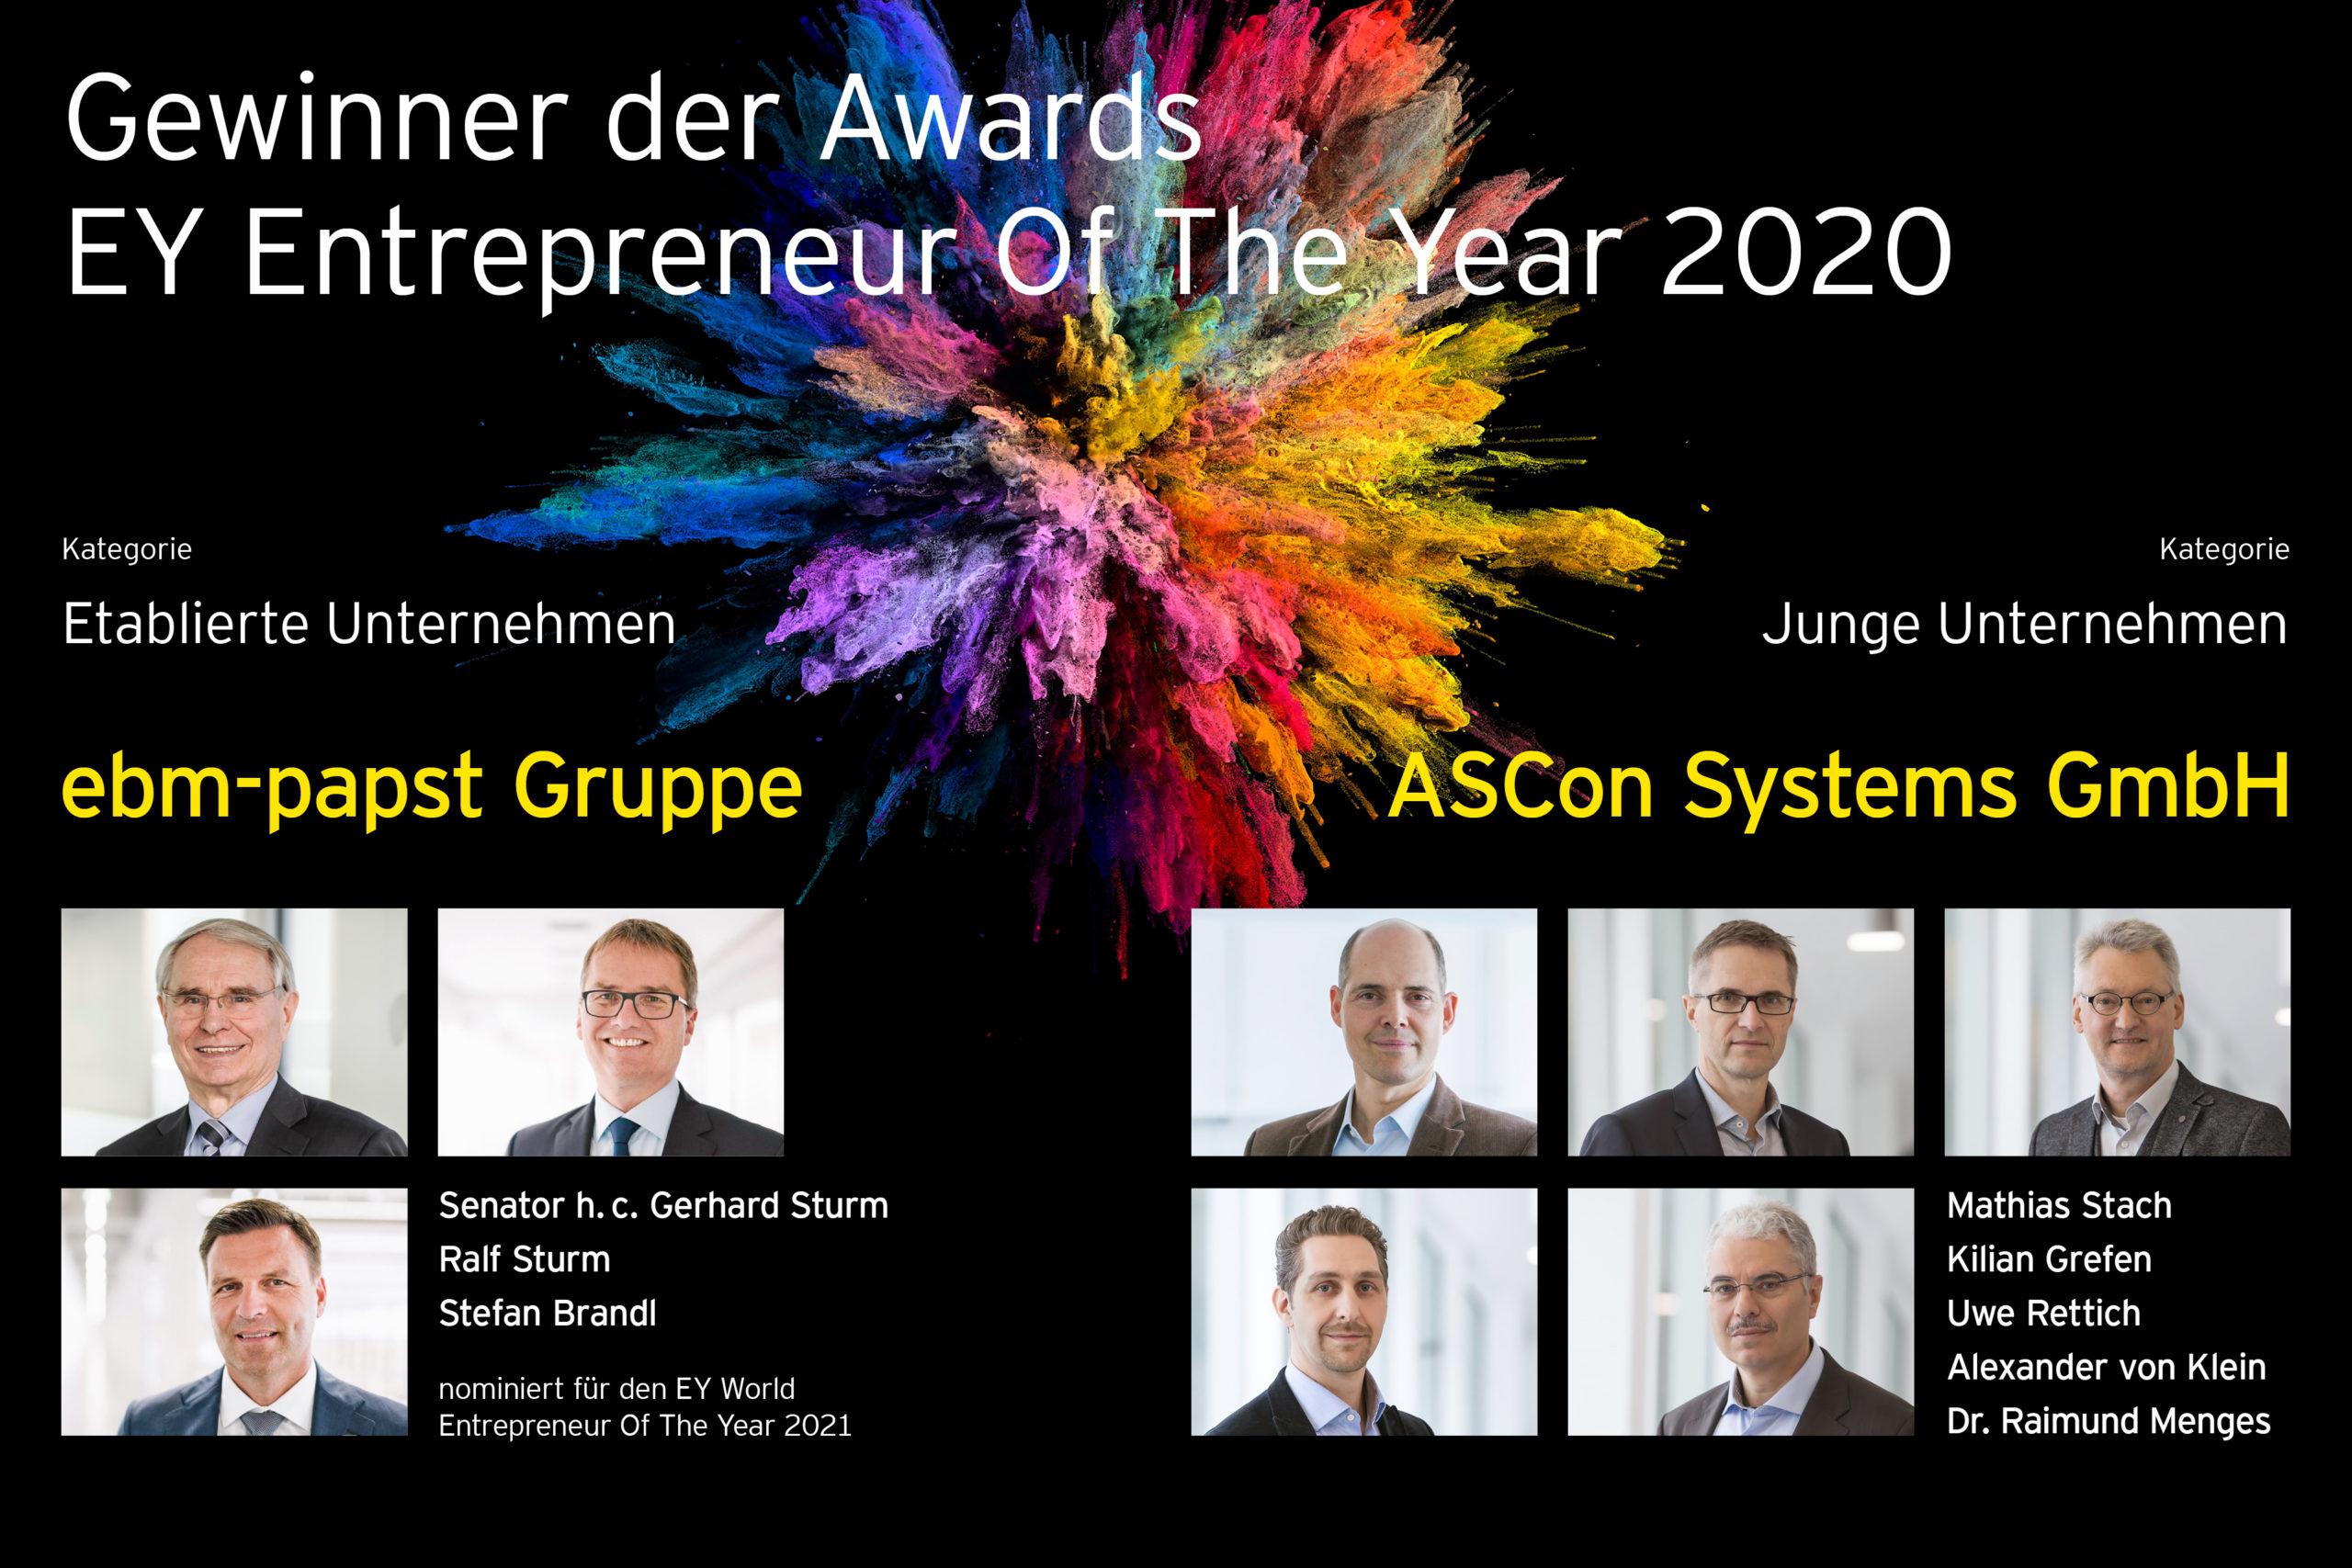 Gewinner des EY Entrepreneur of the Year 2020 in der FAZ